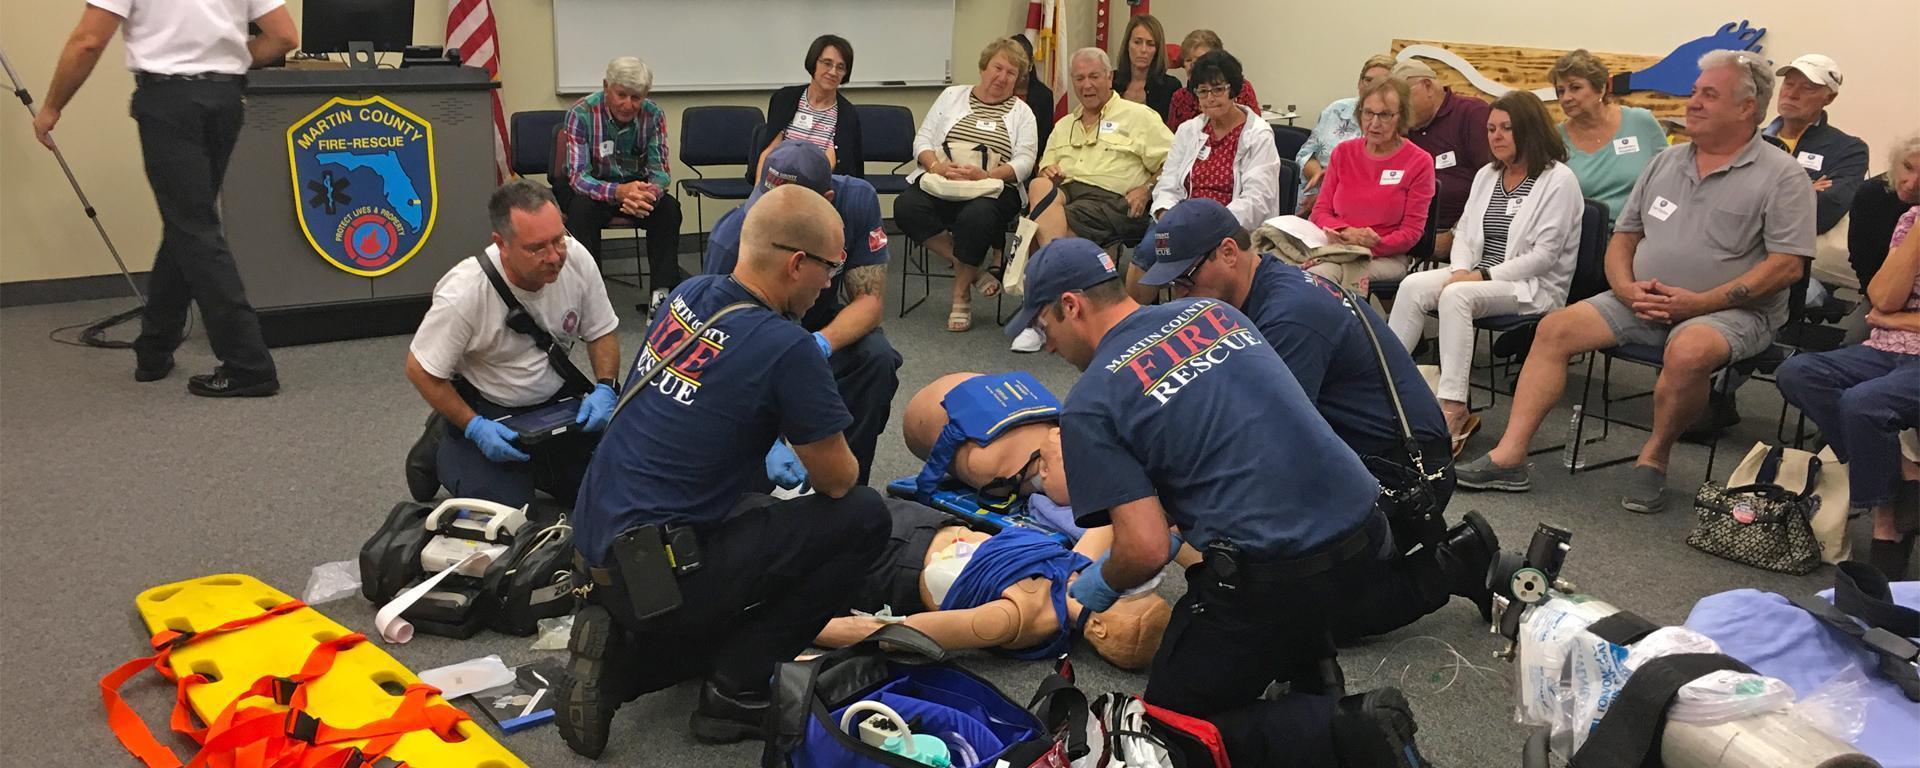 Martin County EMT/Paramedics perform a demostration